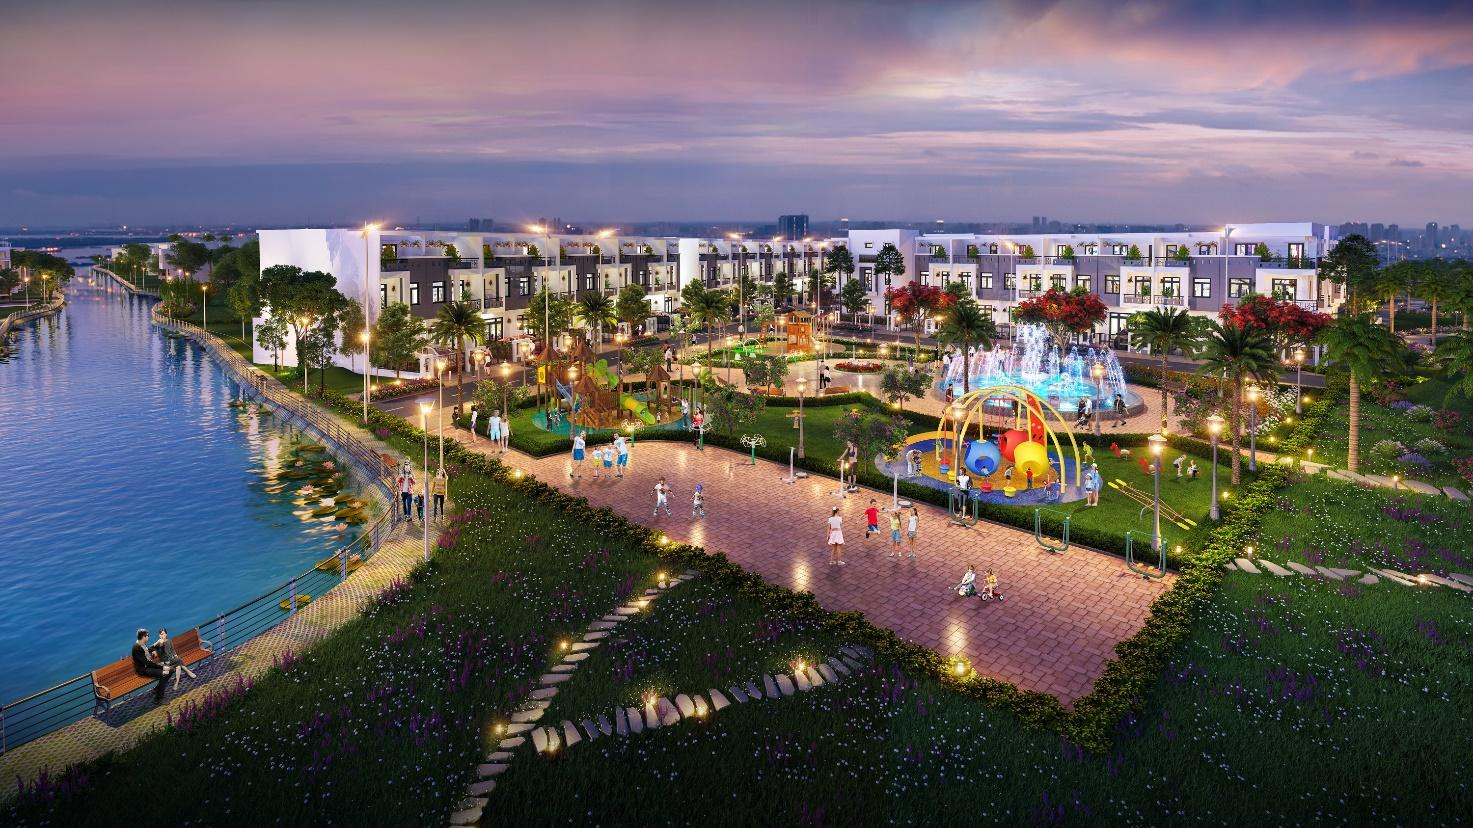 Nhà phố xây sẵn tại khu đô thị Thành Đô có mức giá khoảng 2,2 tỷ căn (1 trệt 2 lầu) với tổng diện tích lên đến 150m2 sàn.